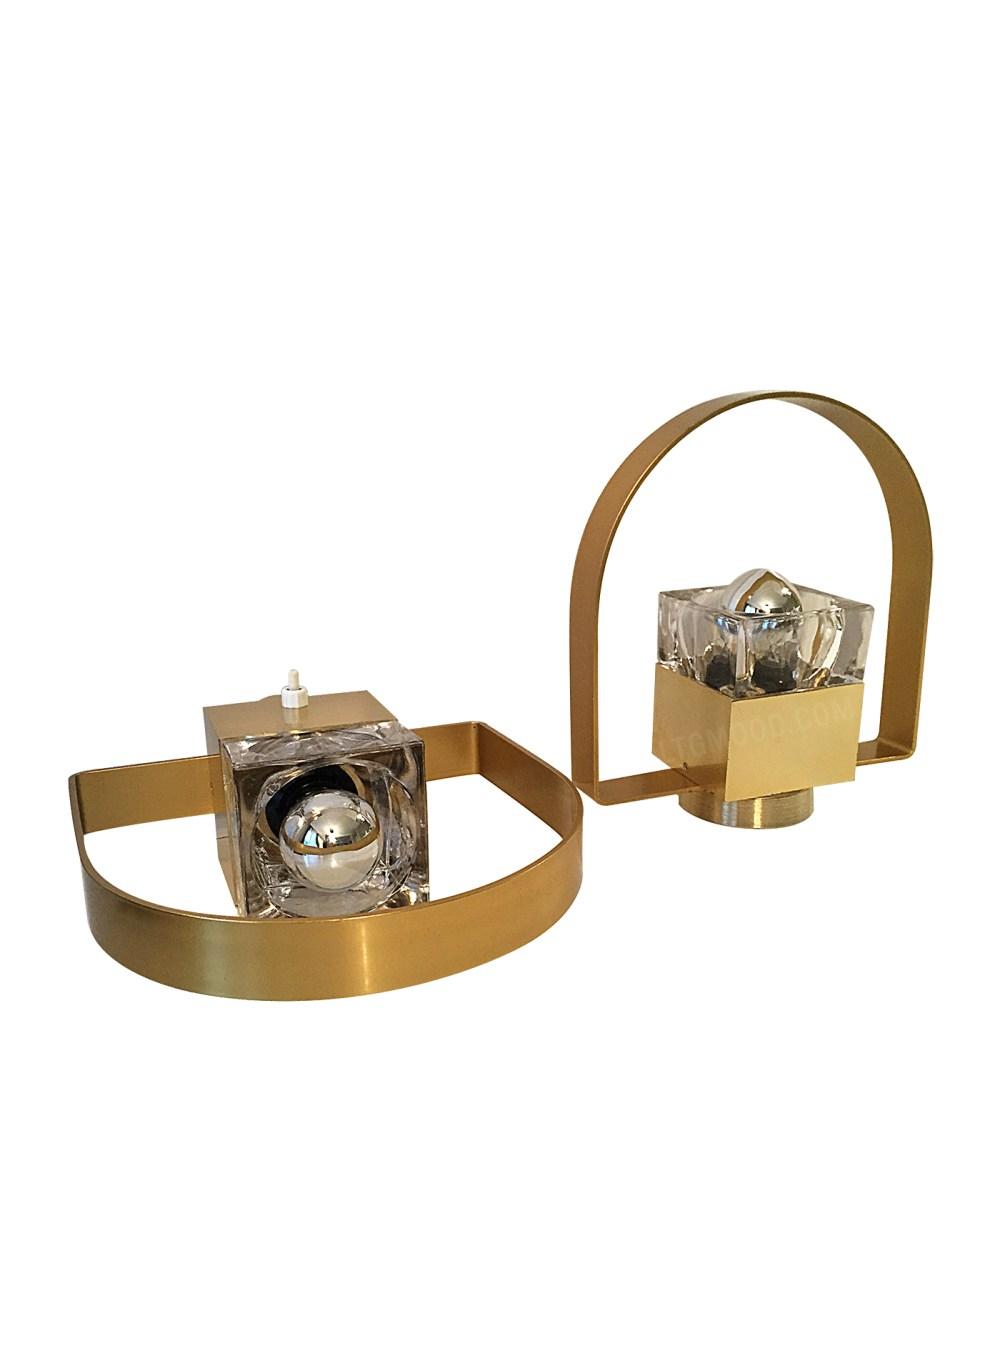 applique vintage dorée arc et verre poliarte par gaetano scolari en vente chez ltgmood.com galerie de luminaires vintage